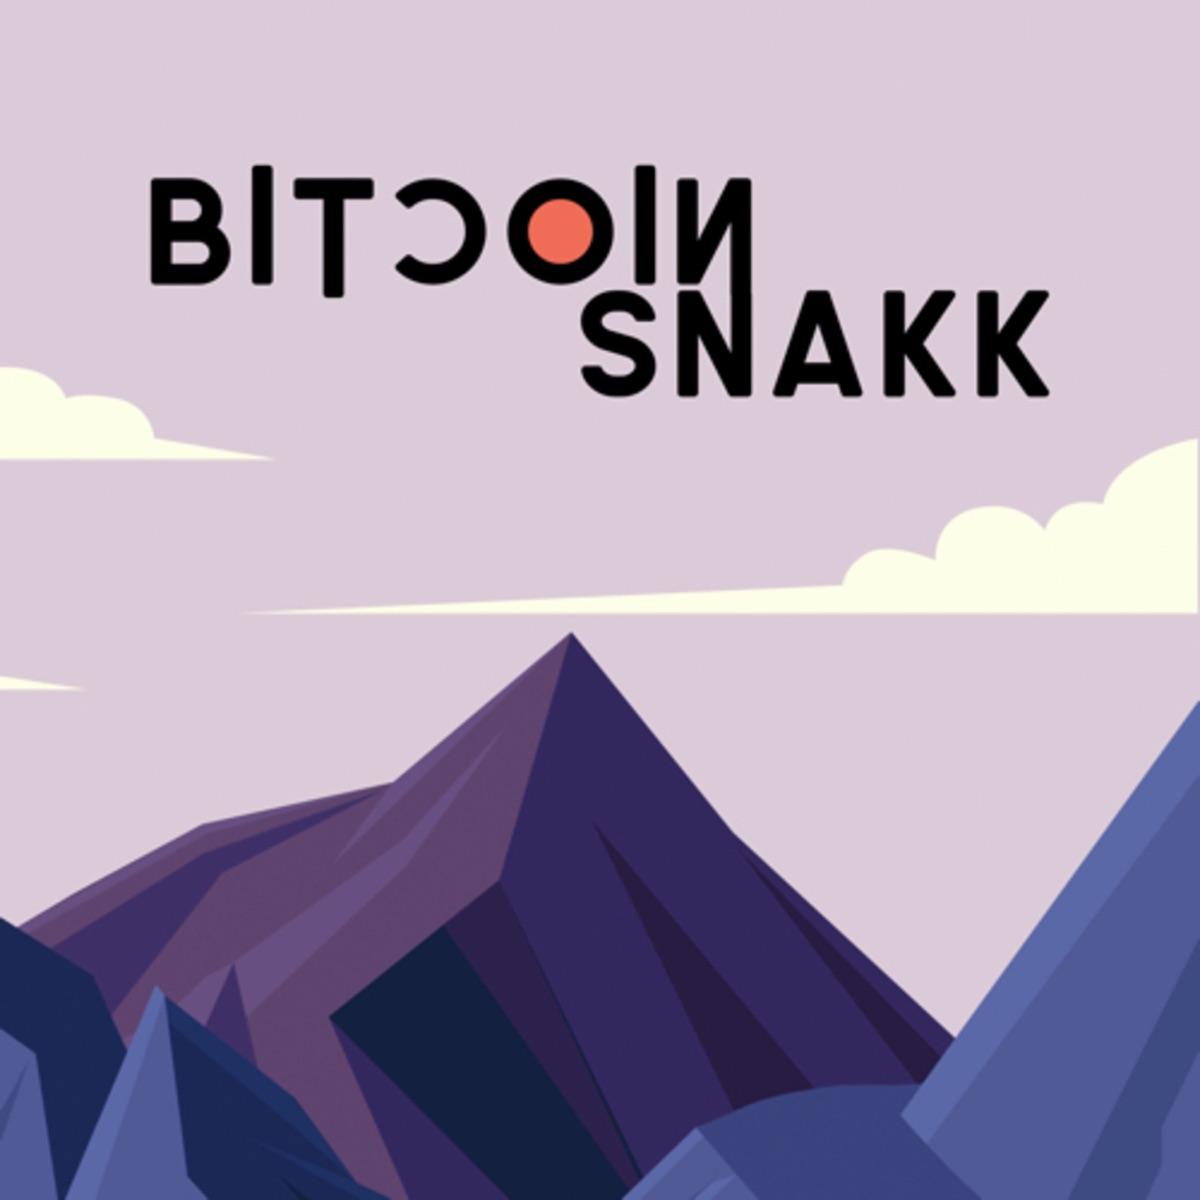 Bitcoinsnakk